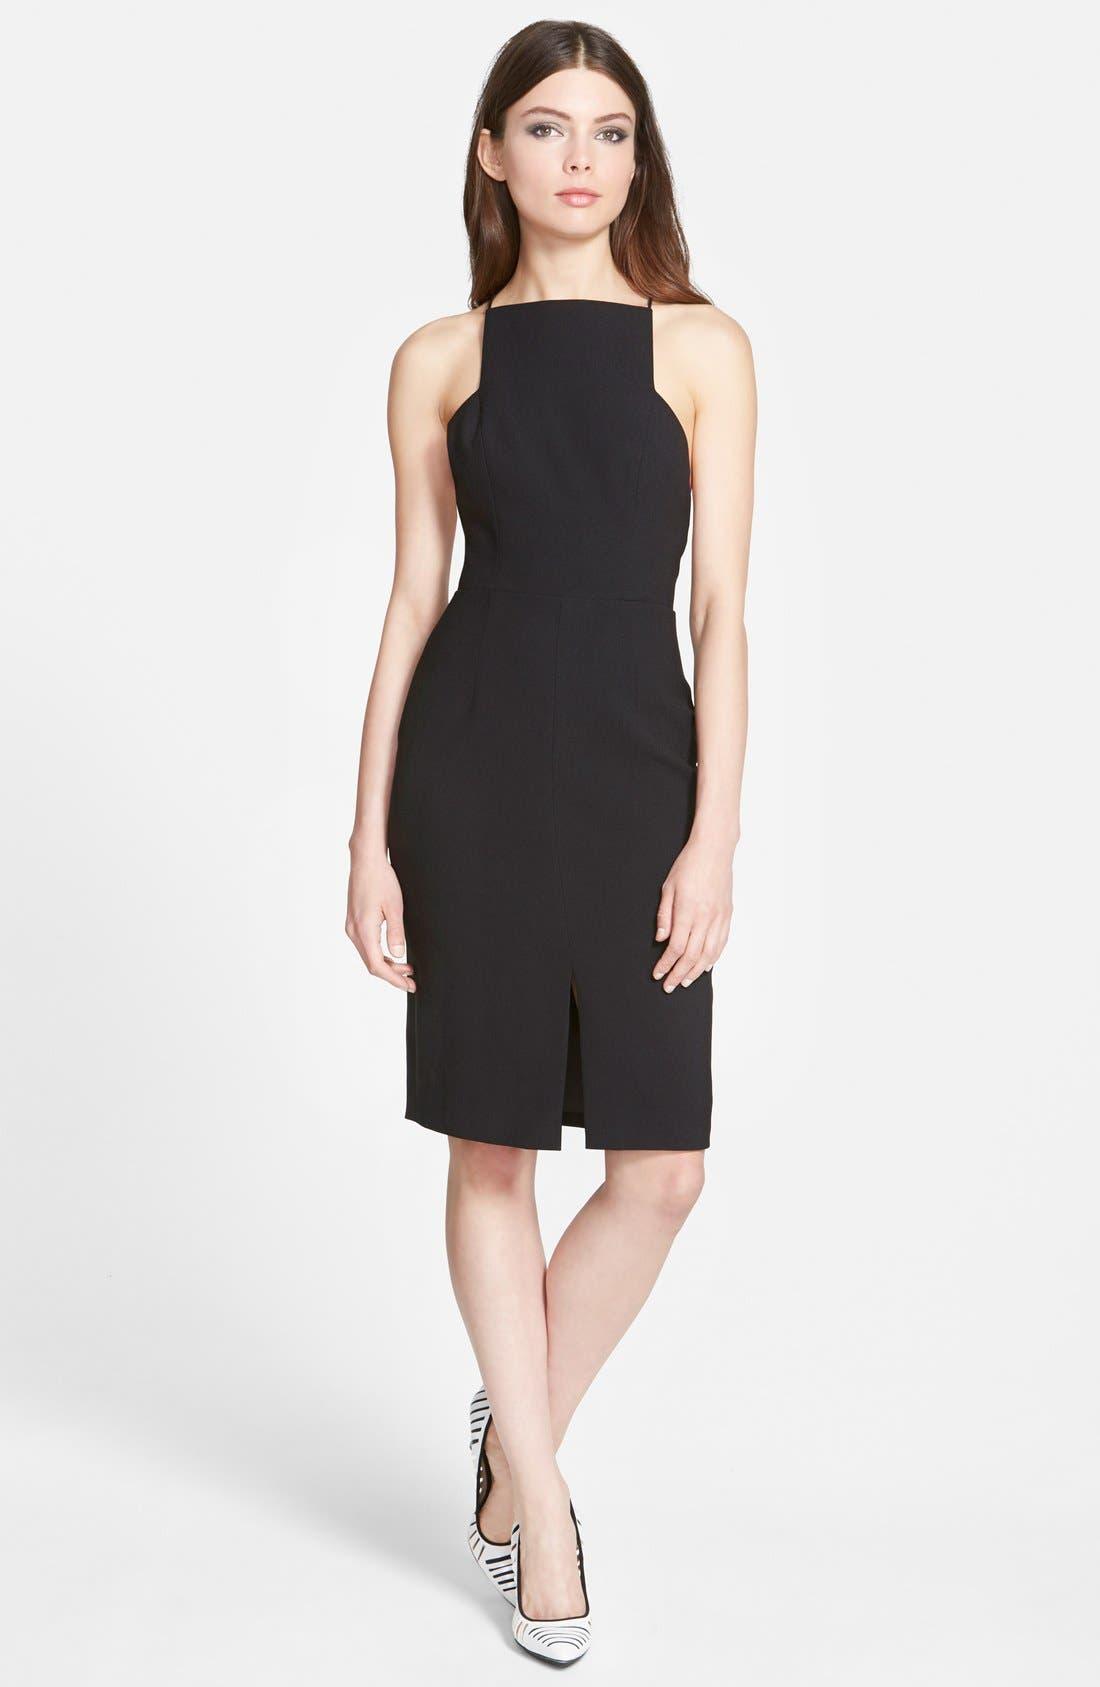 Alternate Image 1 Selected - Keepsake the Label 'Restless Heart' Sleeveless Dress